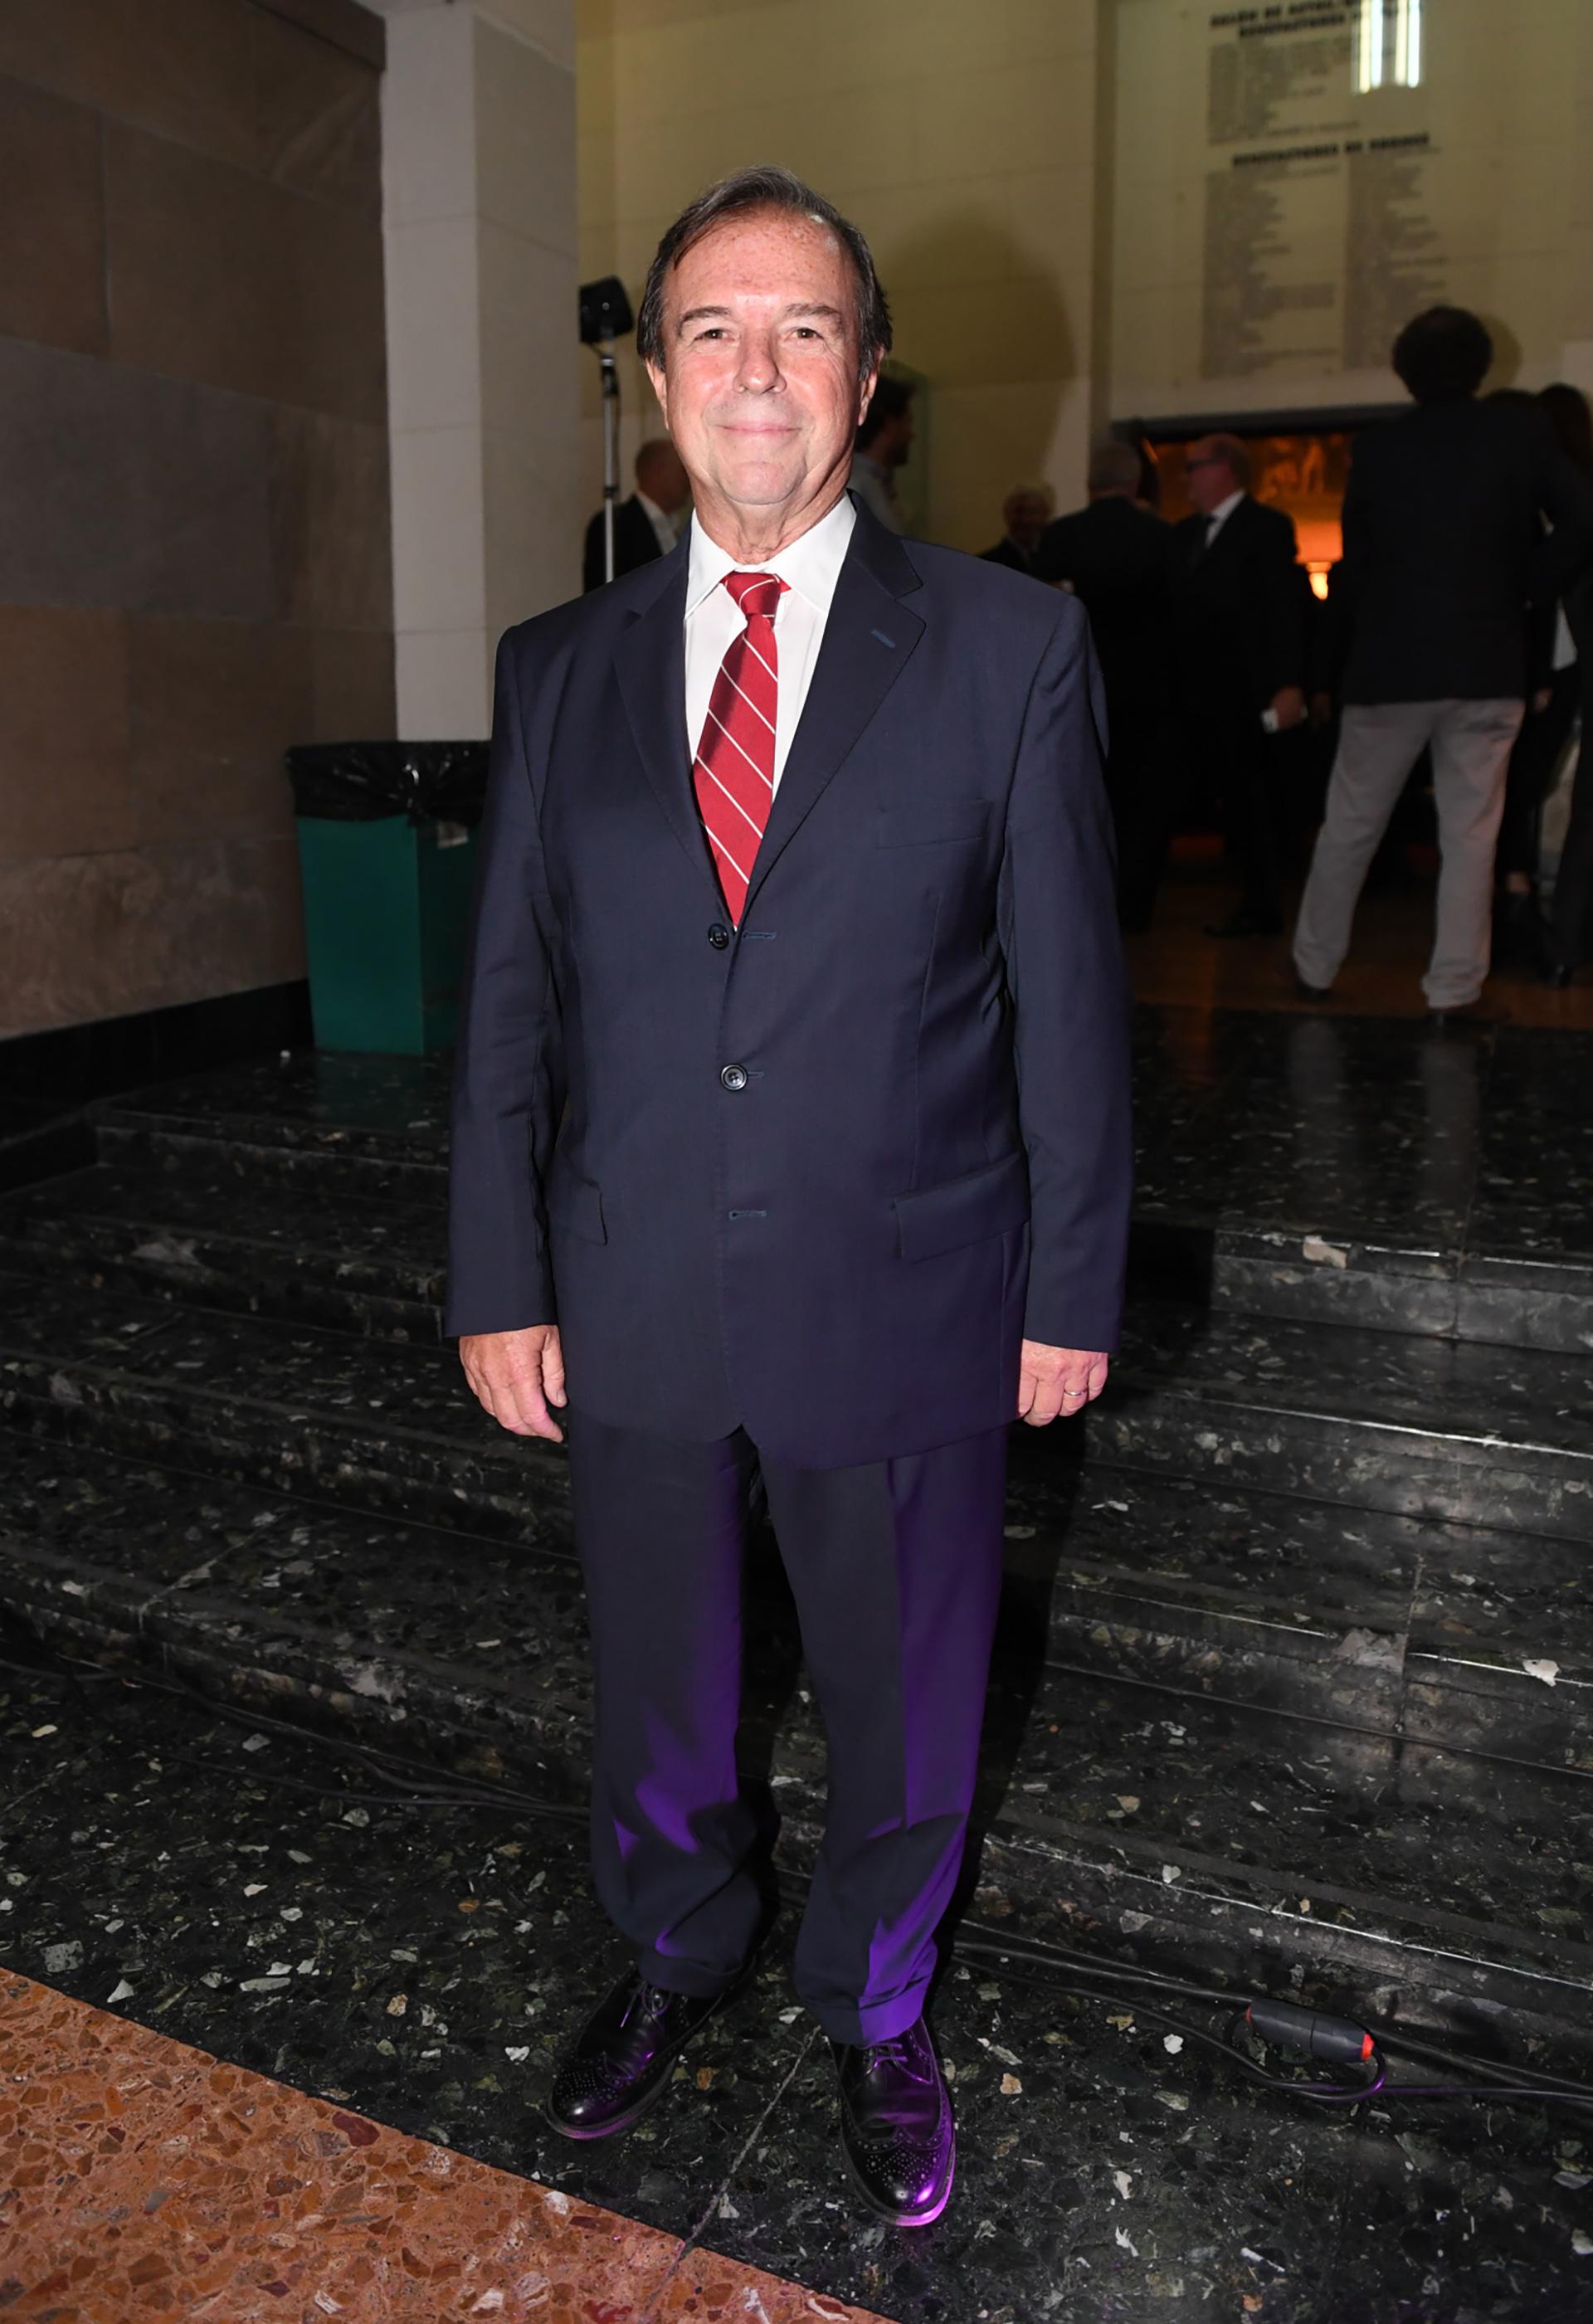 Marcelo Gebhardt, vicedecano de la Facultad de Derecho